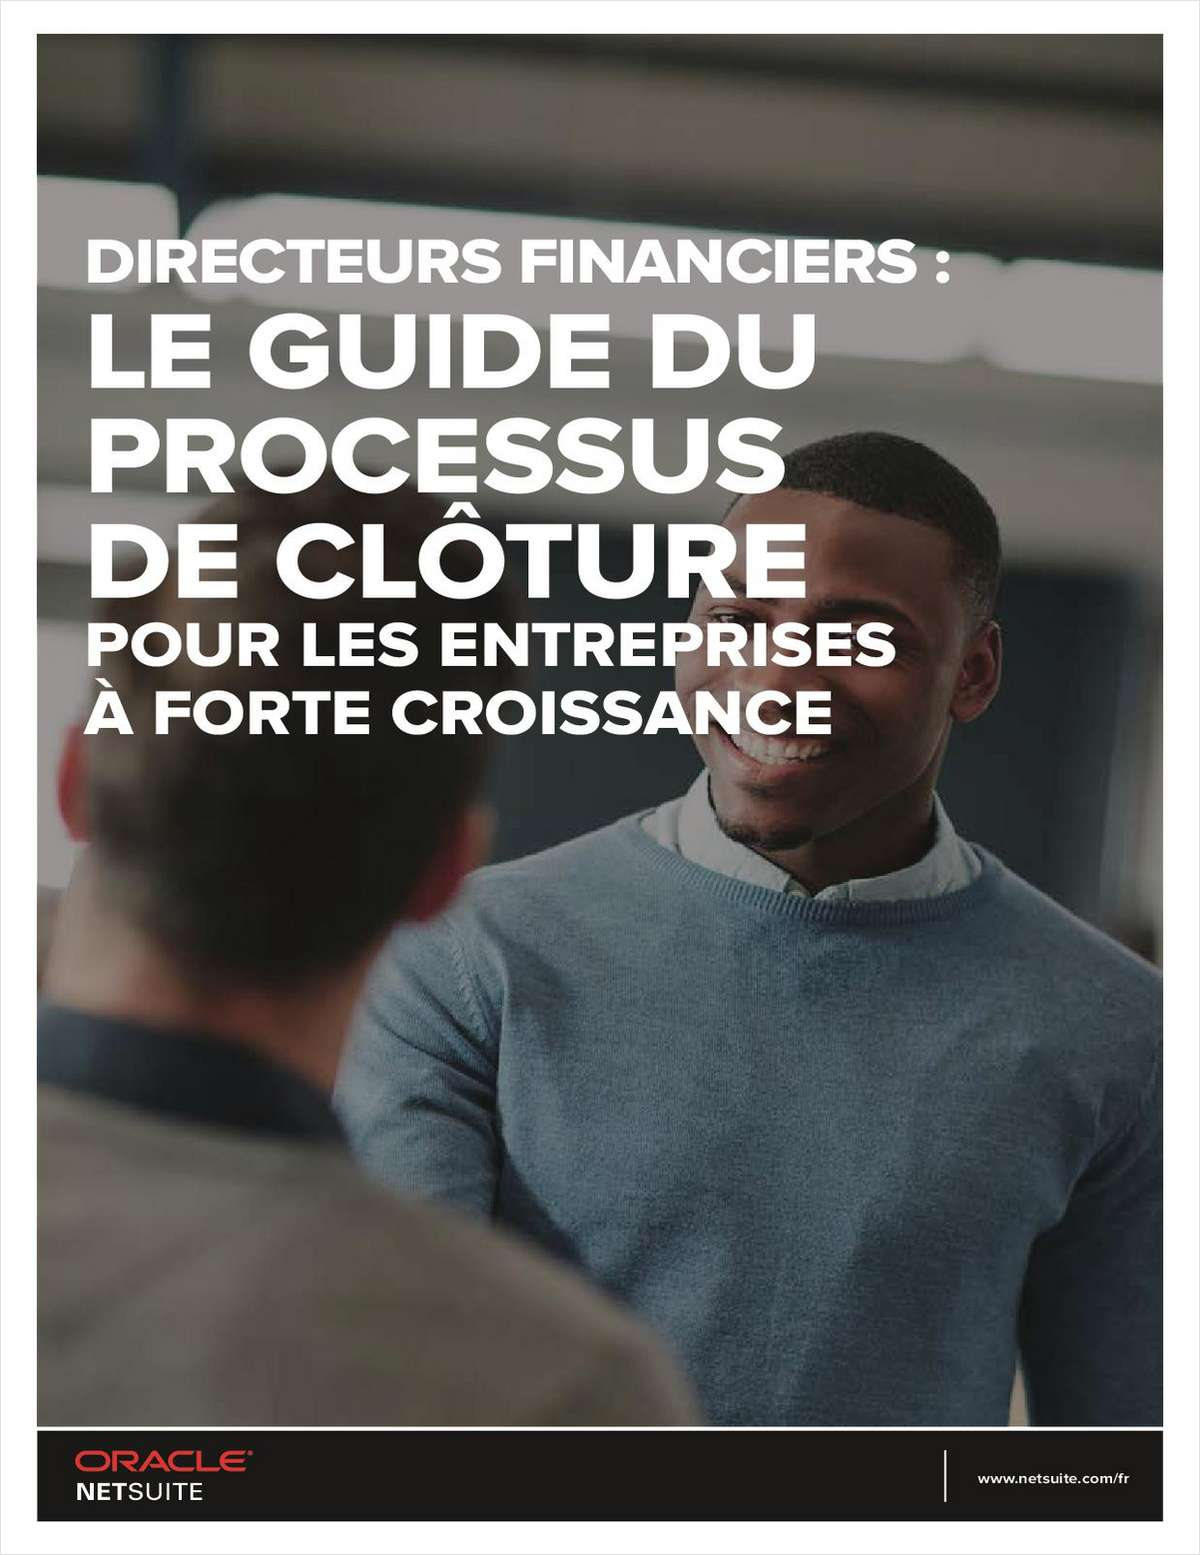 DIRECTEURS FINANCIERS: LE GUIDE DU PROCESSUS DE CLOTURE POUR LES ENTREPRISES A FORTE CROISSANCE